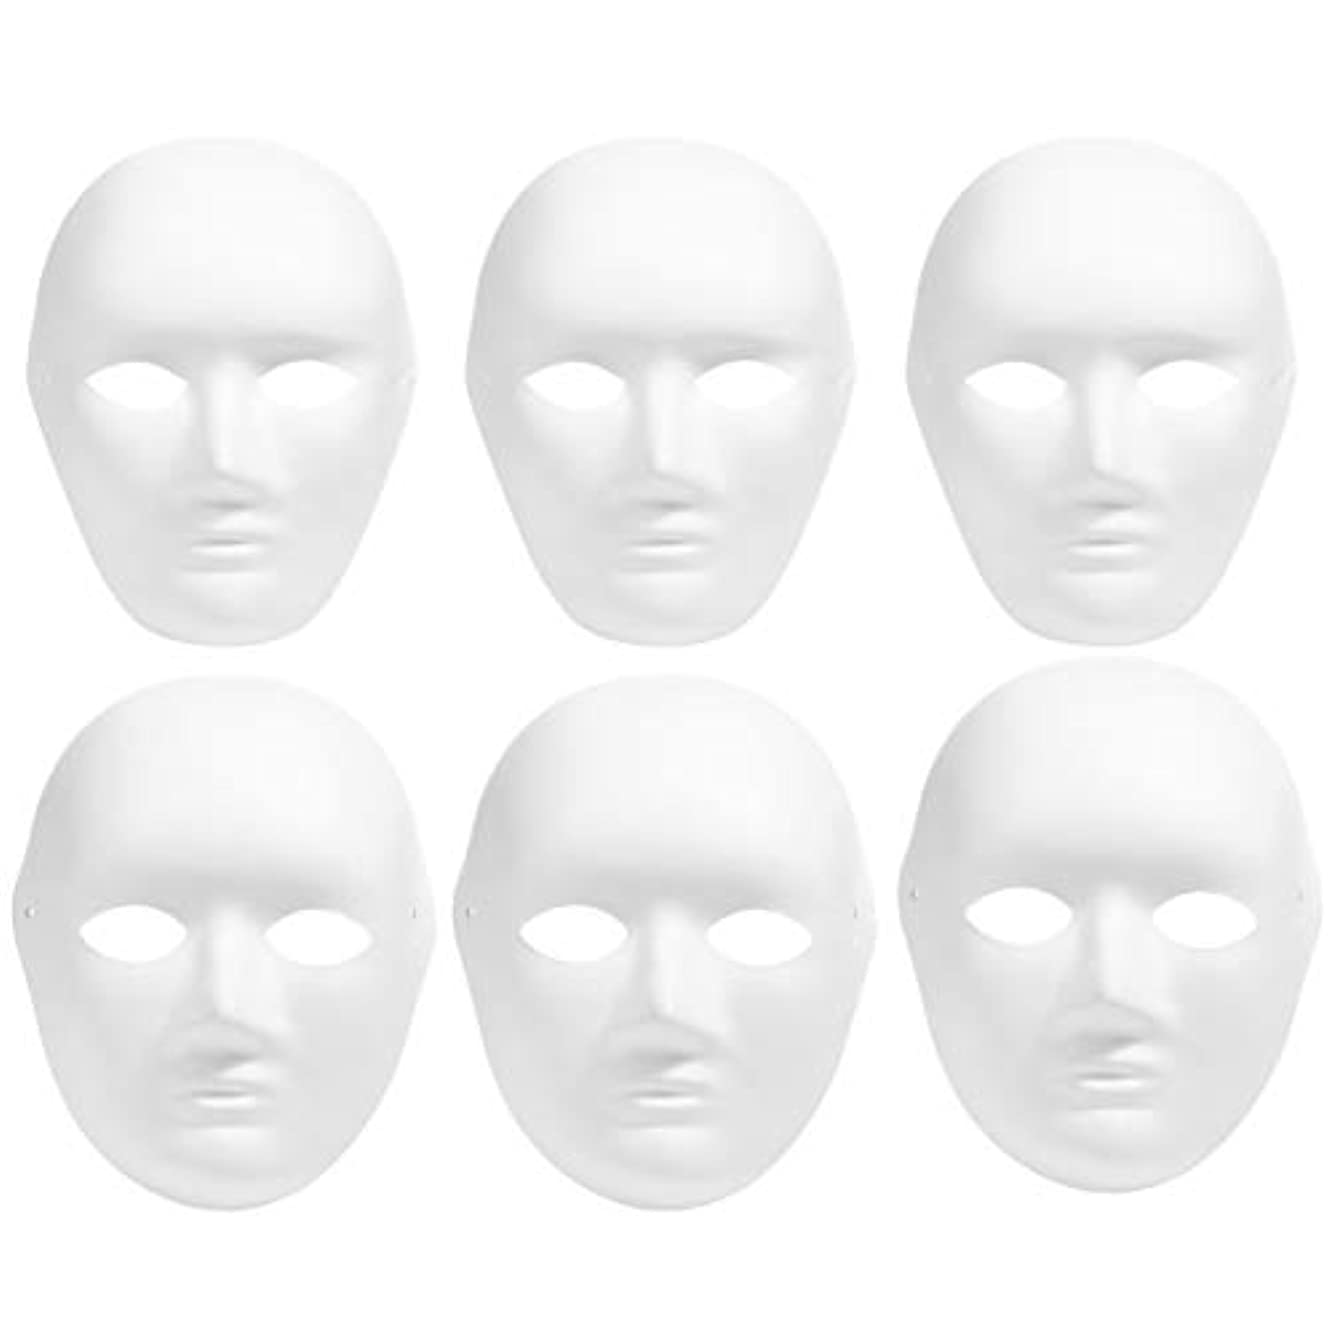 ギャラントリー外交問題禁輸マスク ハロウィン 怖い 白い人面マスク ハロウィンマスク ハロウィン 仮装 仮面 コスプレ 6*男性?6*女性